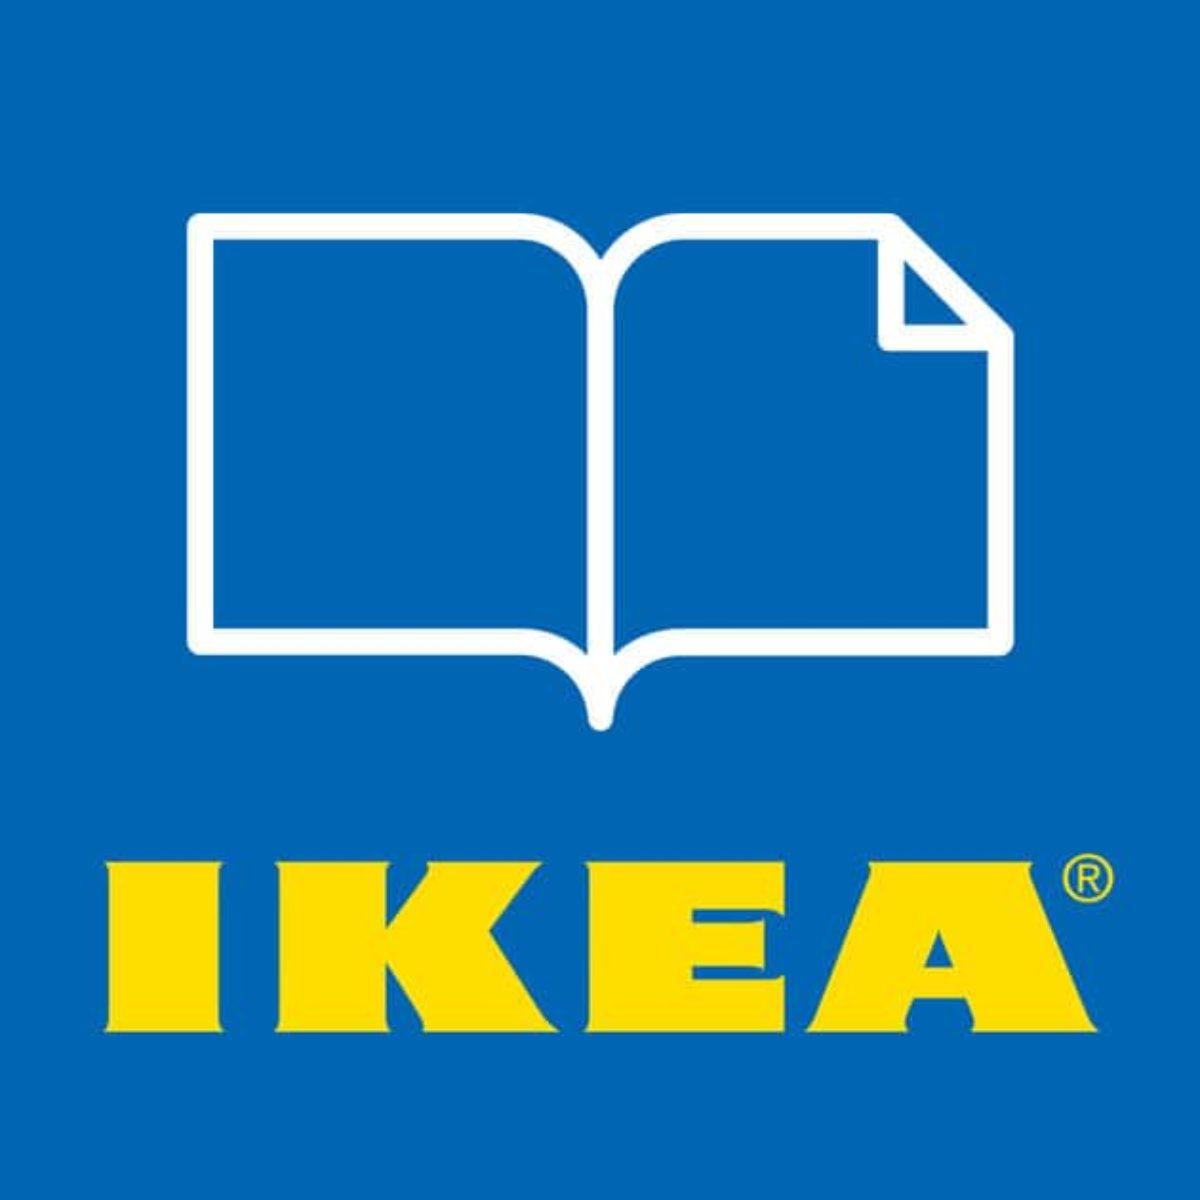 Il Dizionario Di Ikea Che Spiega Da Dove Derivano I Nomi Dei Suoi